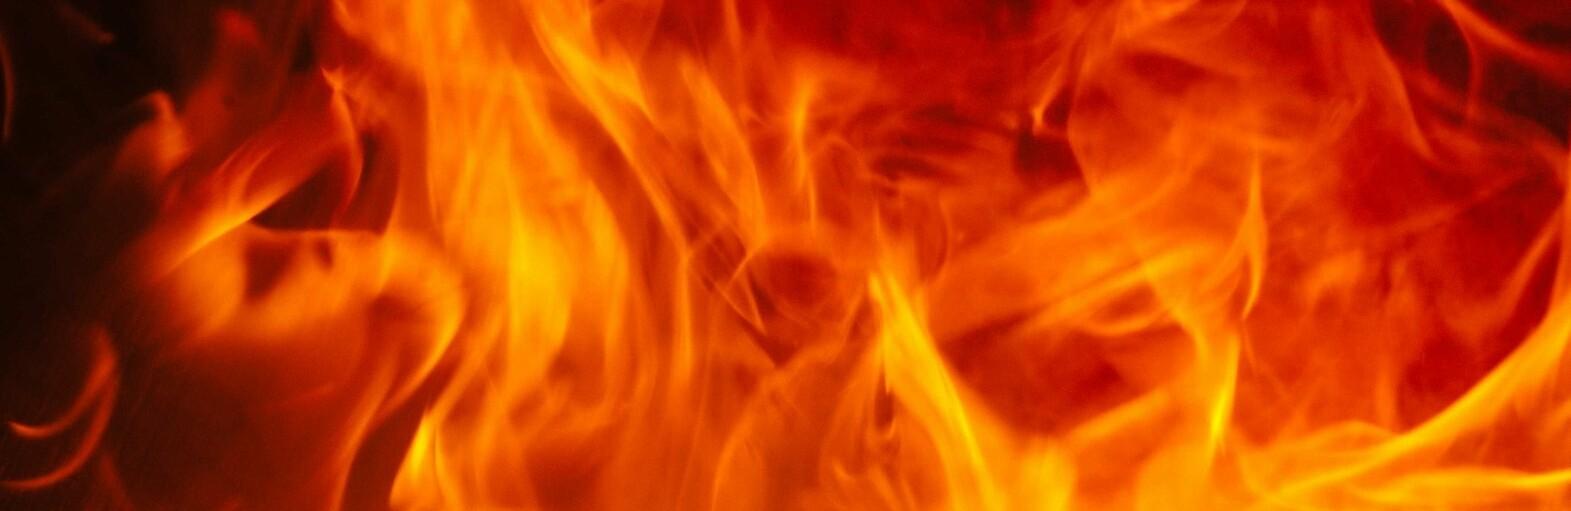 Ночью в Одессе сгорело четыре автомобиля, - ФОТО0